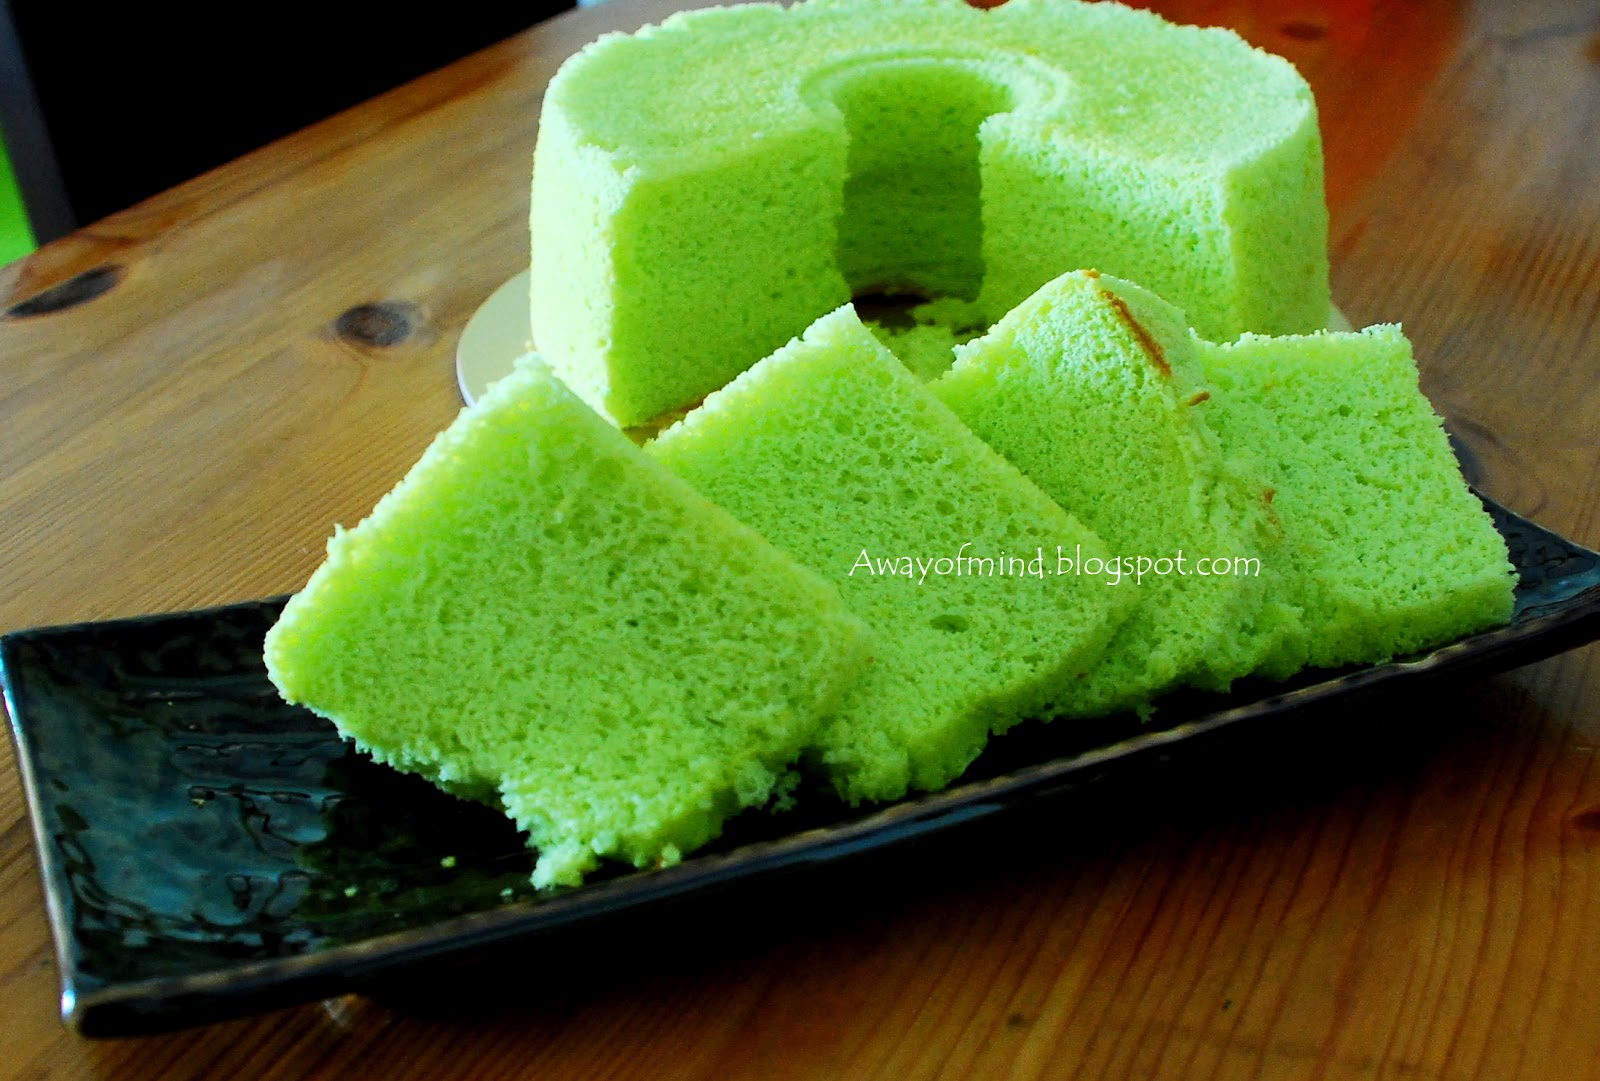 Awayofmind Bakery House: Pandan Chiffon Cake